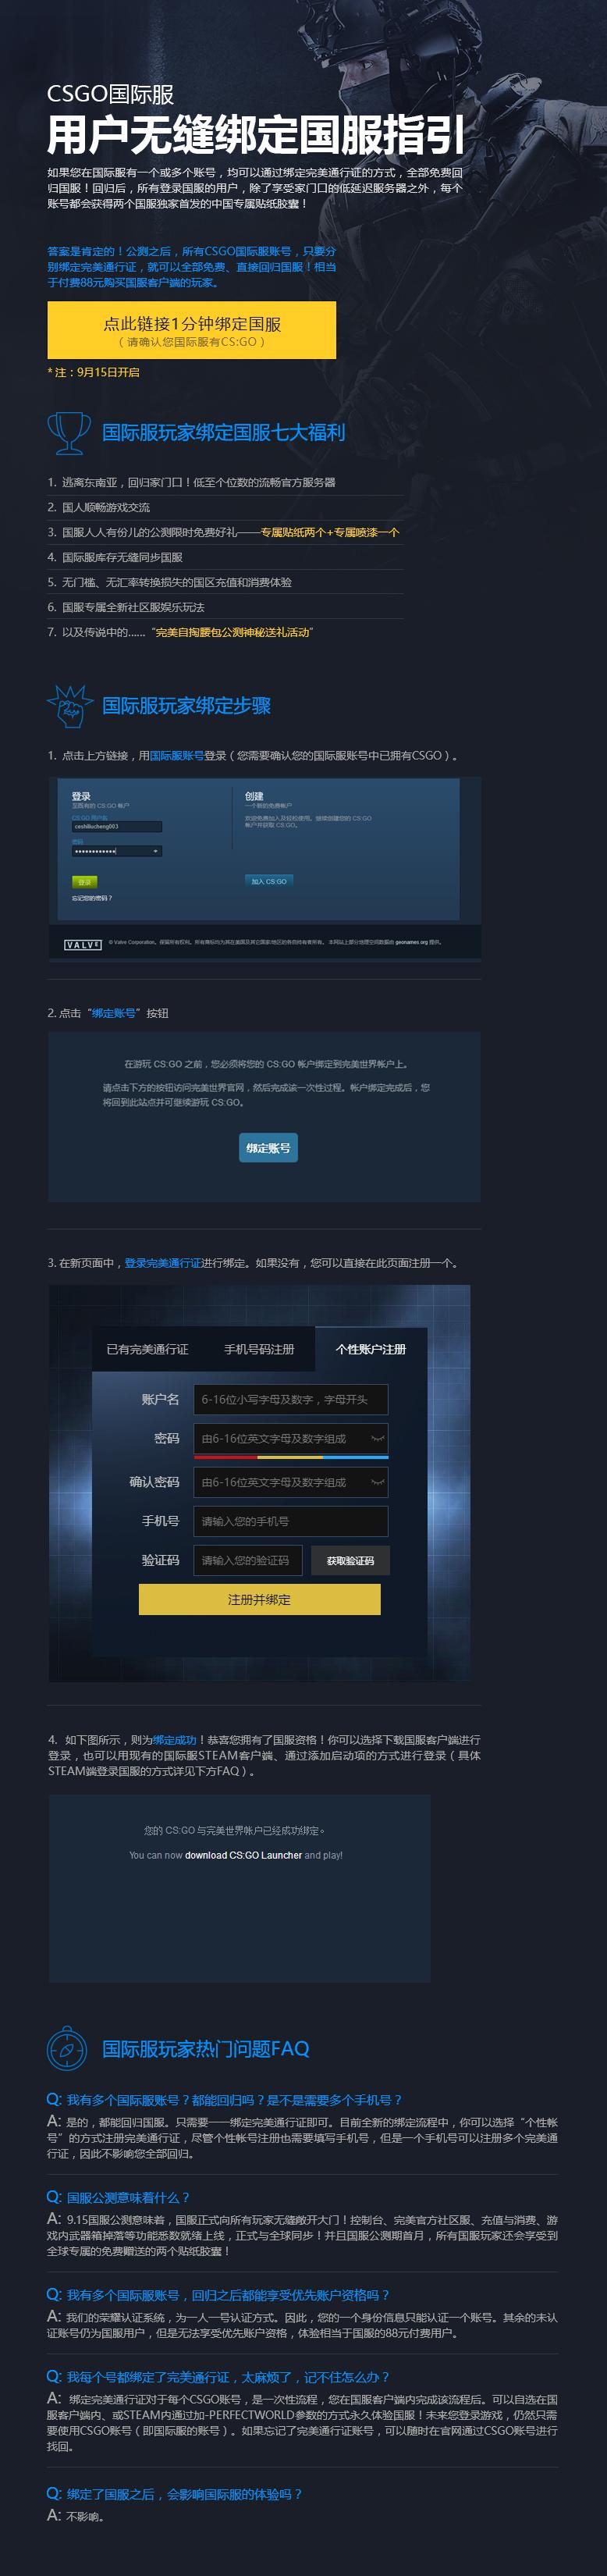 图片: CSGO国际服用户无缝绑定国服指引(3).jpg